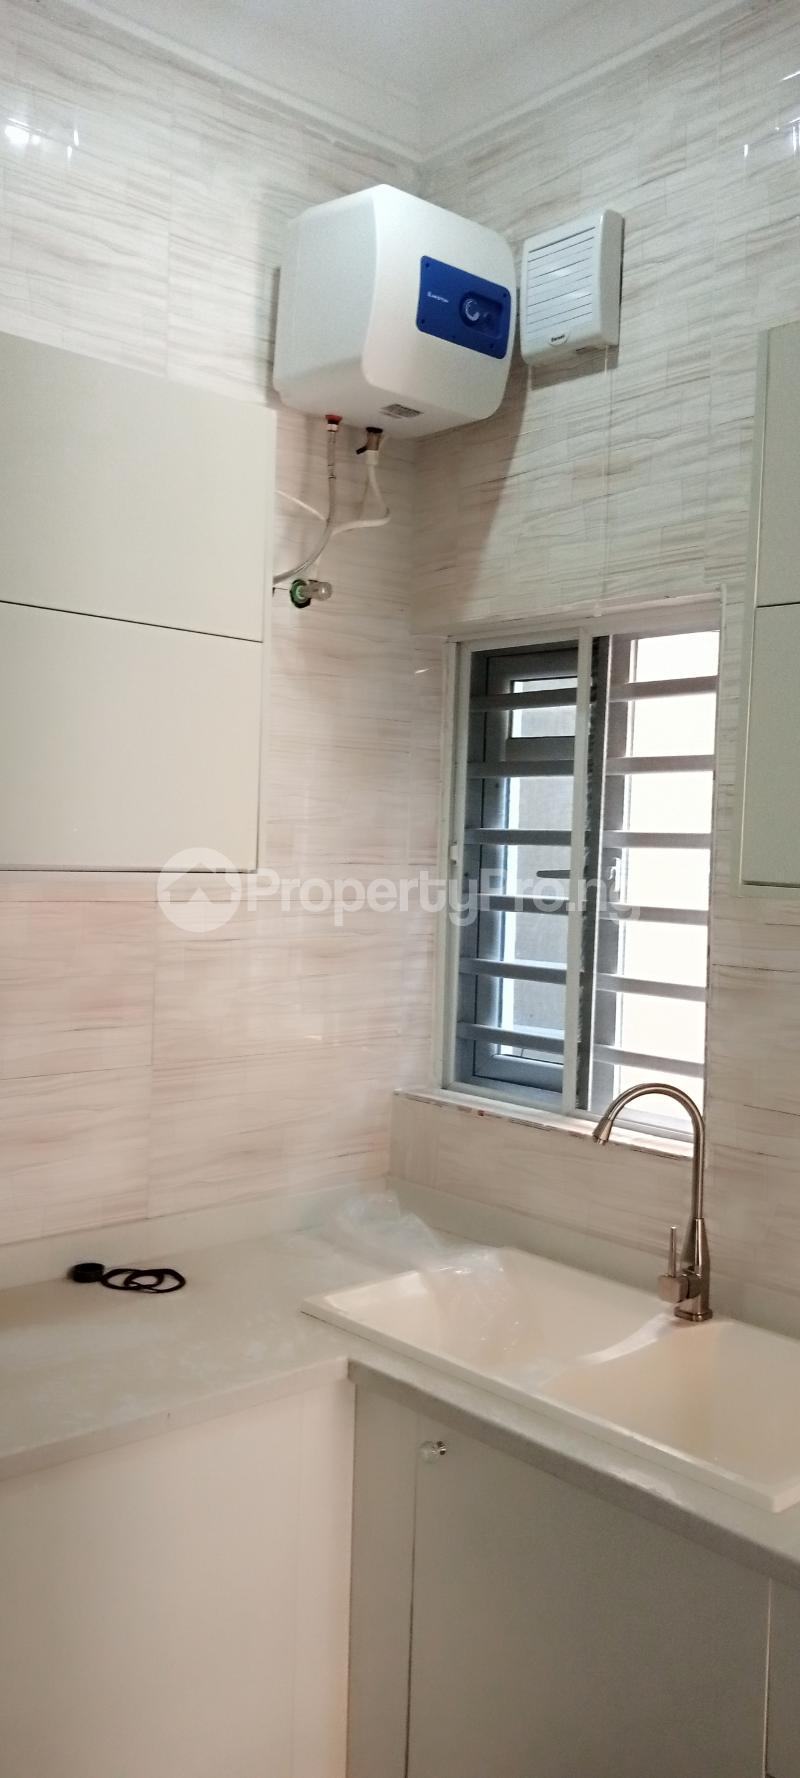 4 bedroom Semi Detached Duplex House for rent Jones Avenue Adeniyi Jones Ikeja Lagos - 5